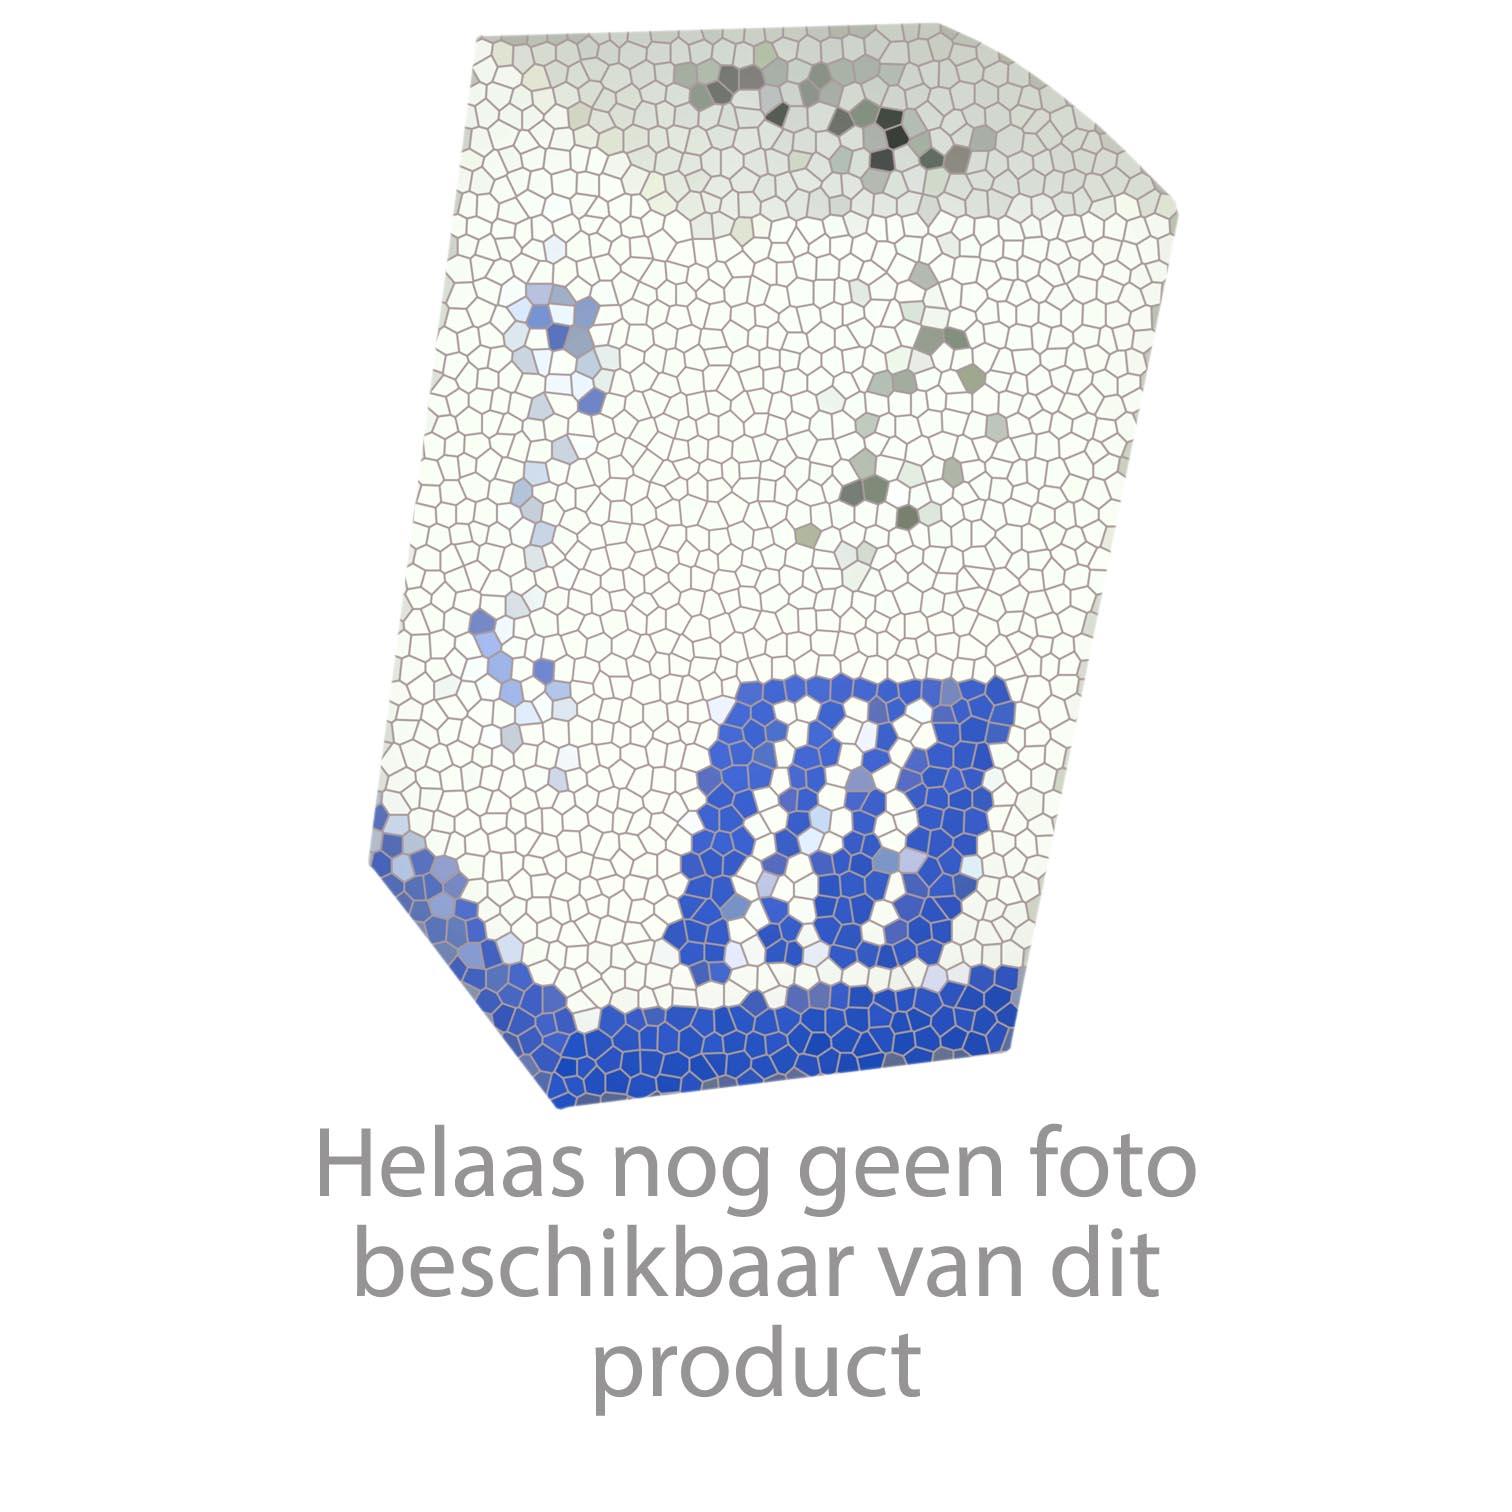 HansGrohe Keukenmengkranen Allegra Premia productiejaar 05/97 - 08/03 16809 onderdelen